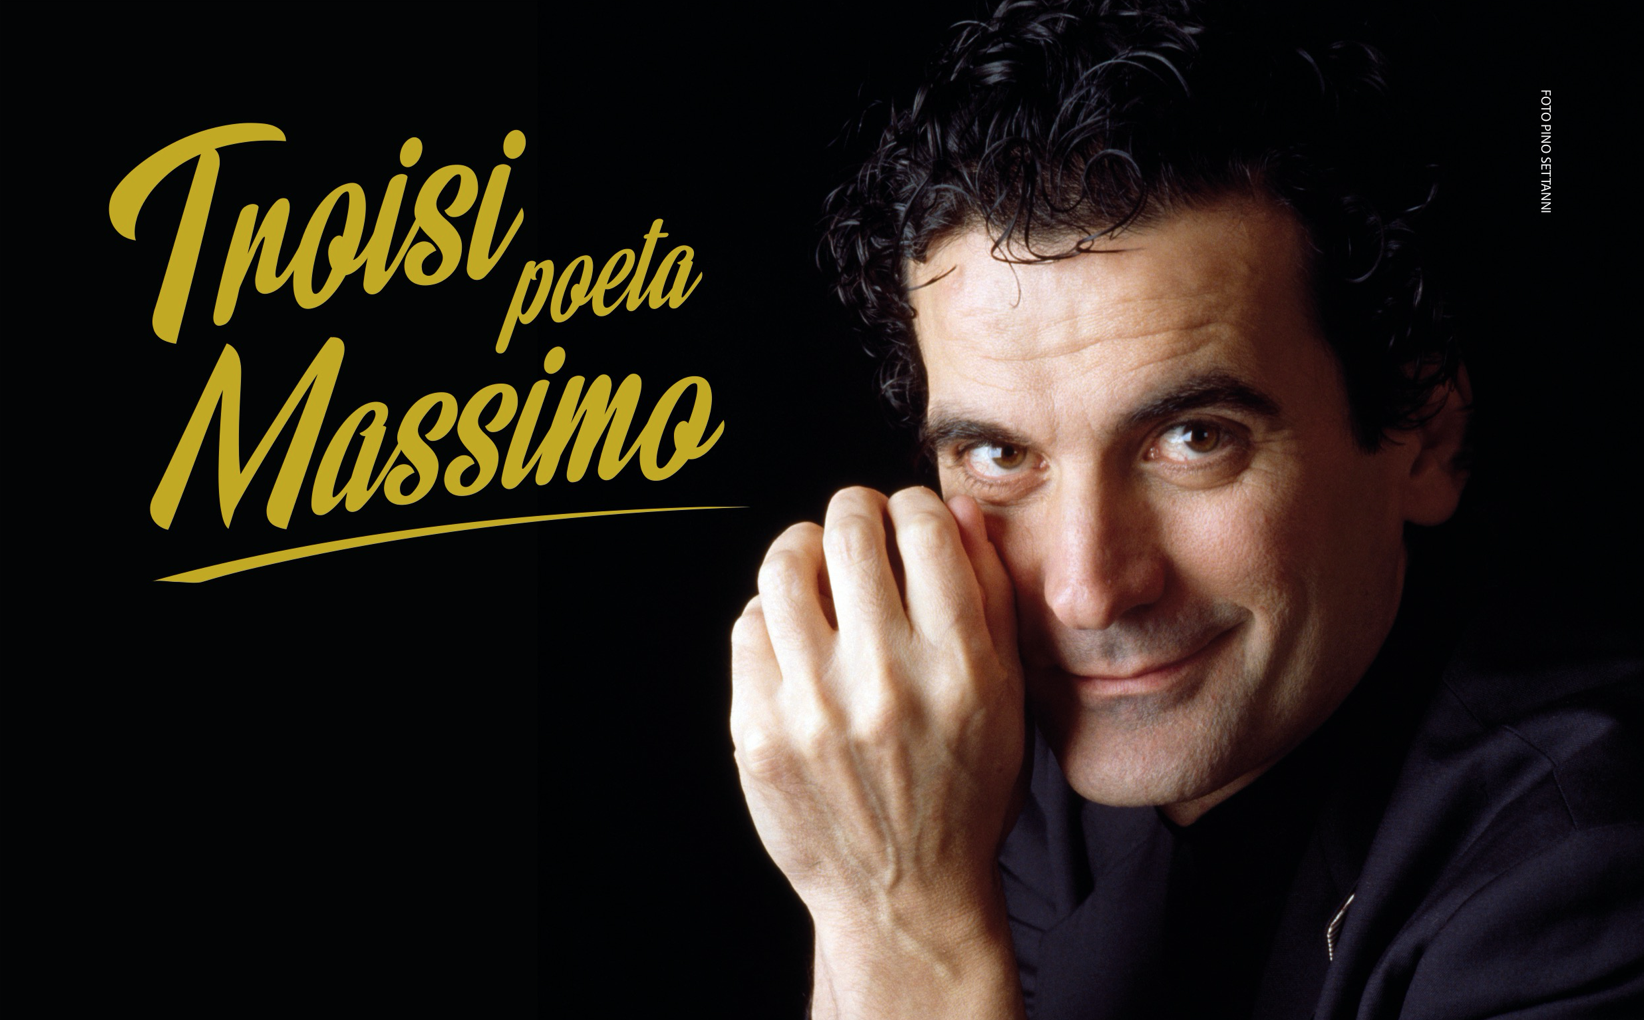 """Arriva a Napoli """"Troisi poeta Massimo"""", la grande mostra dedicata a Massimo Troisi"""